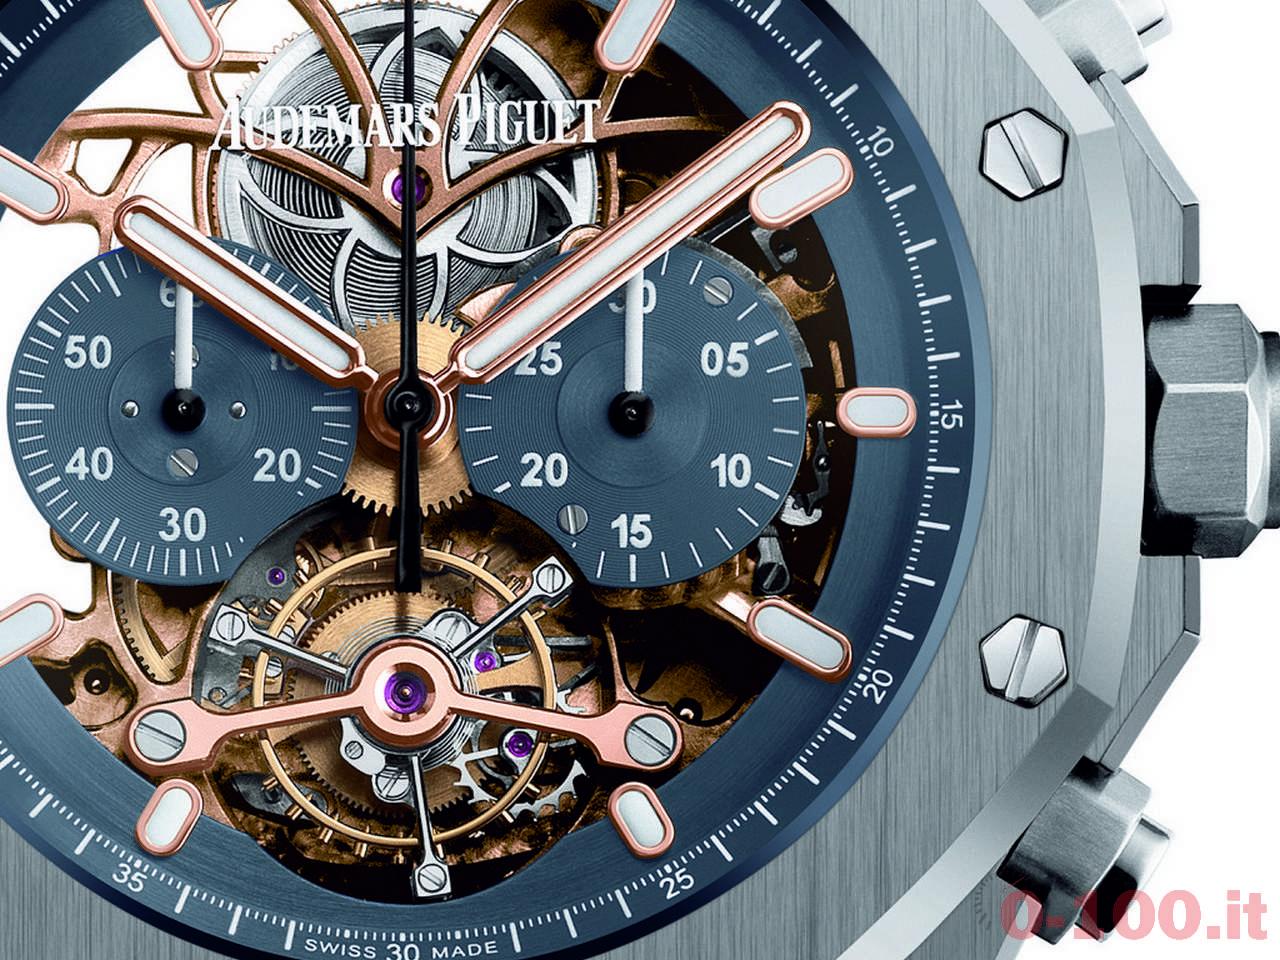 speciale-sihh-2016-audemars-piguet-royal-oak-tourbillon-cronografo-scheletrato-44mm-ref-26510pt-oo-1220pt-01_0-1003